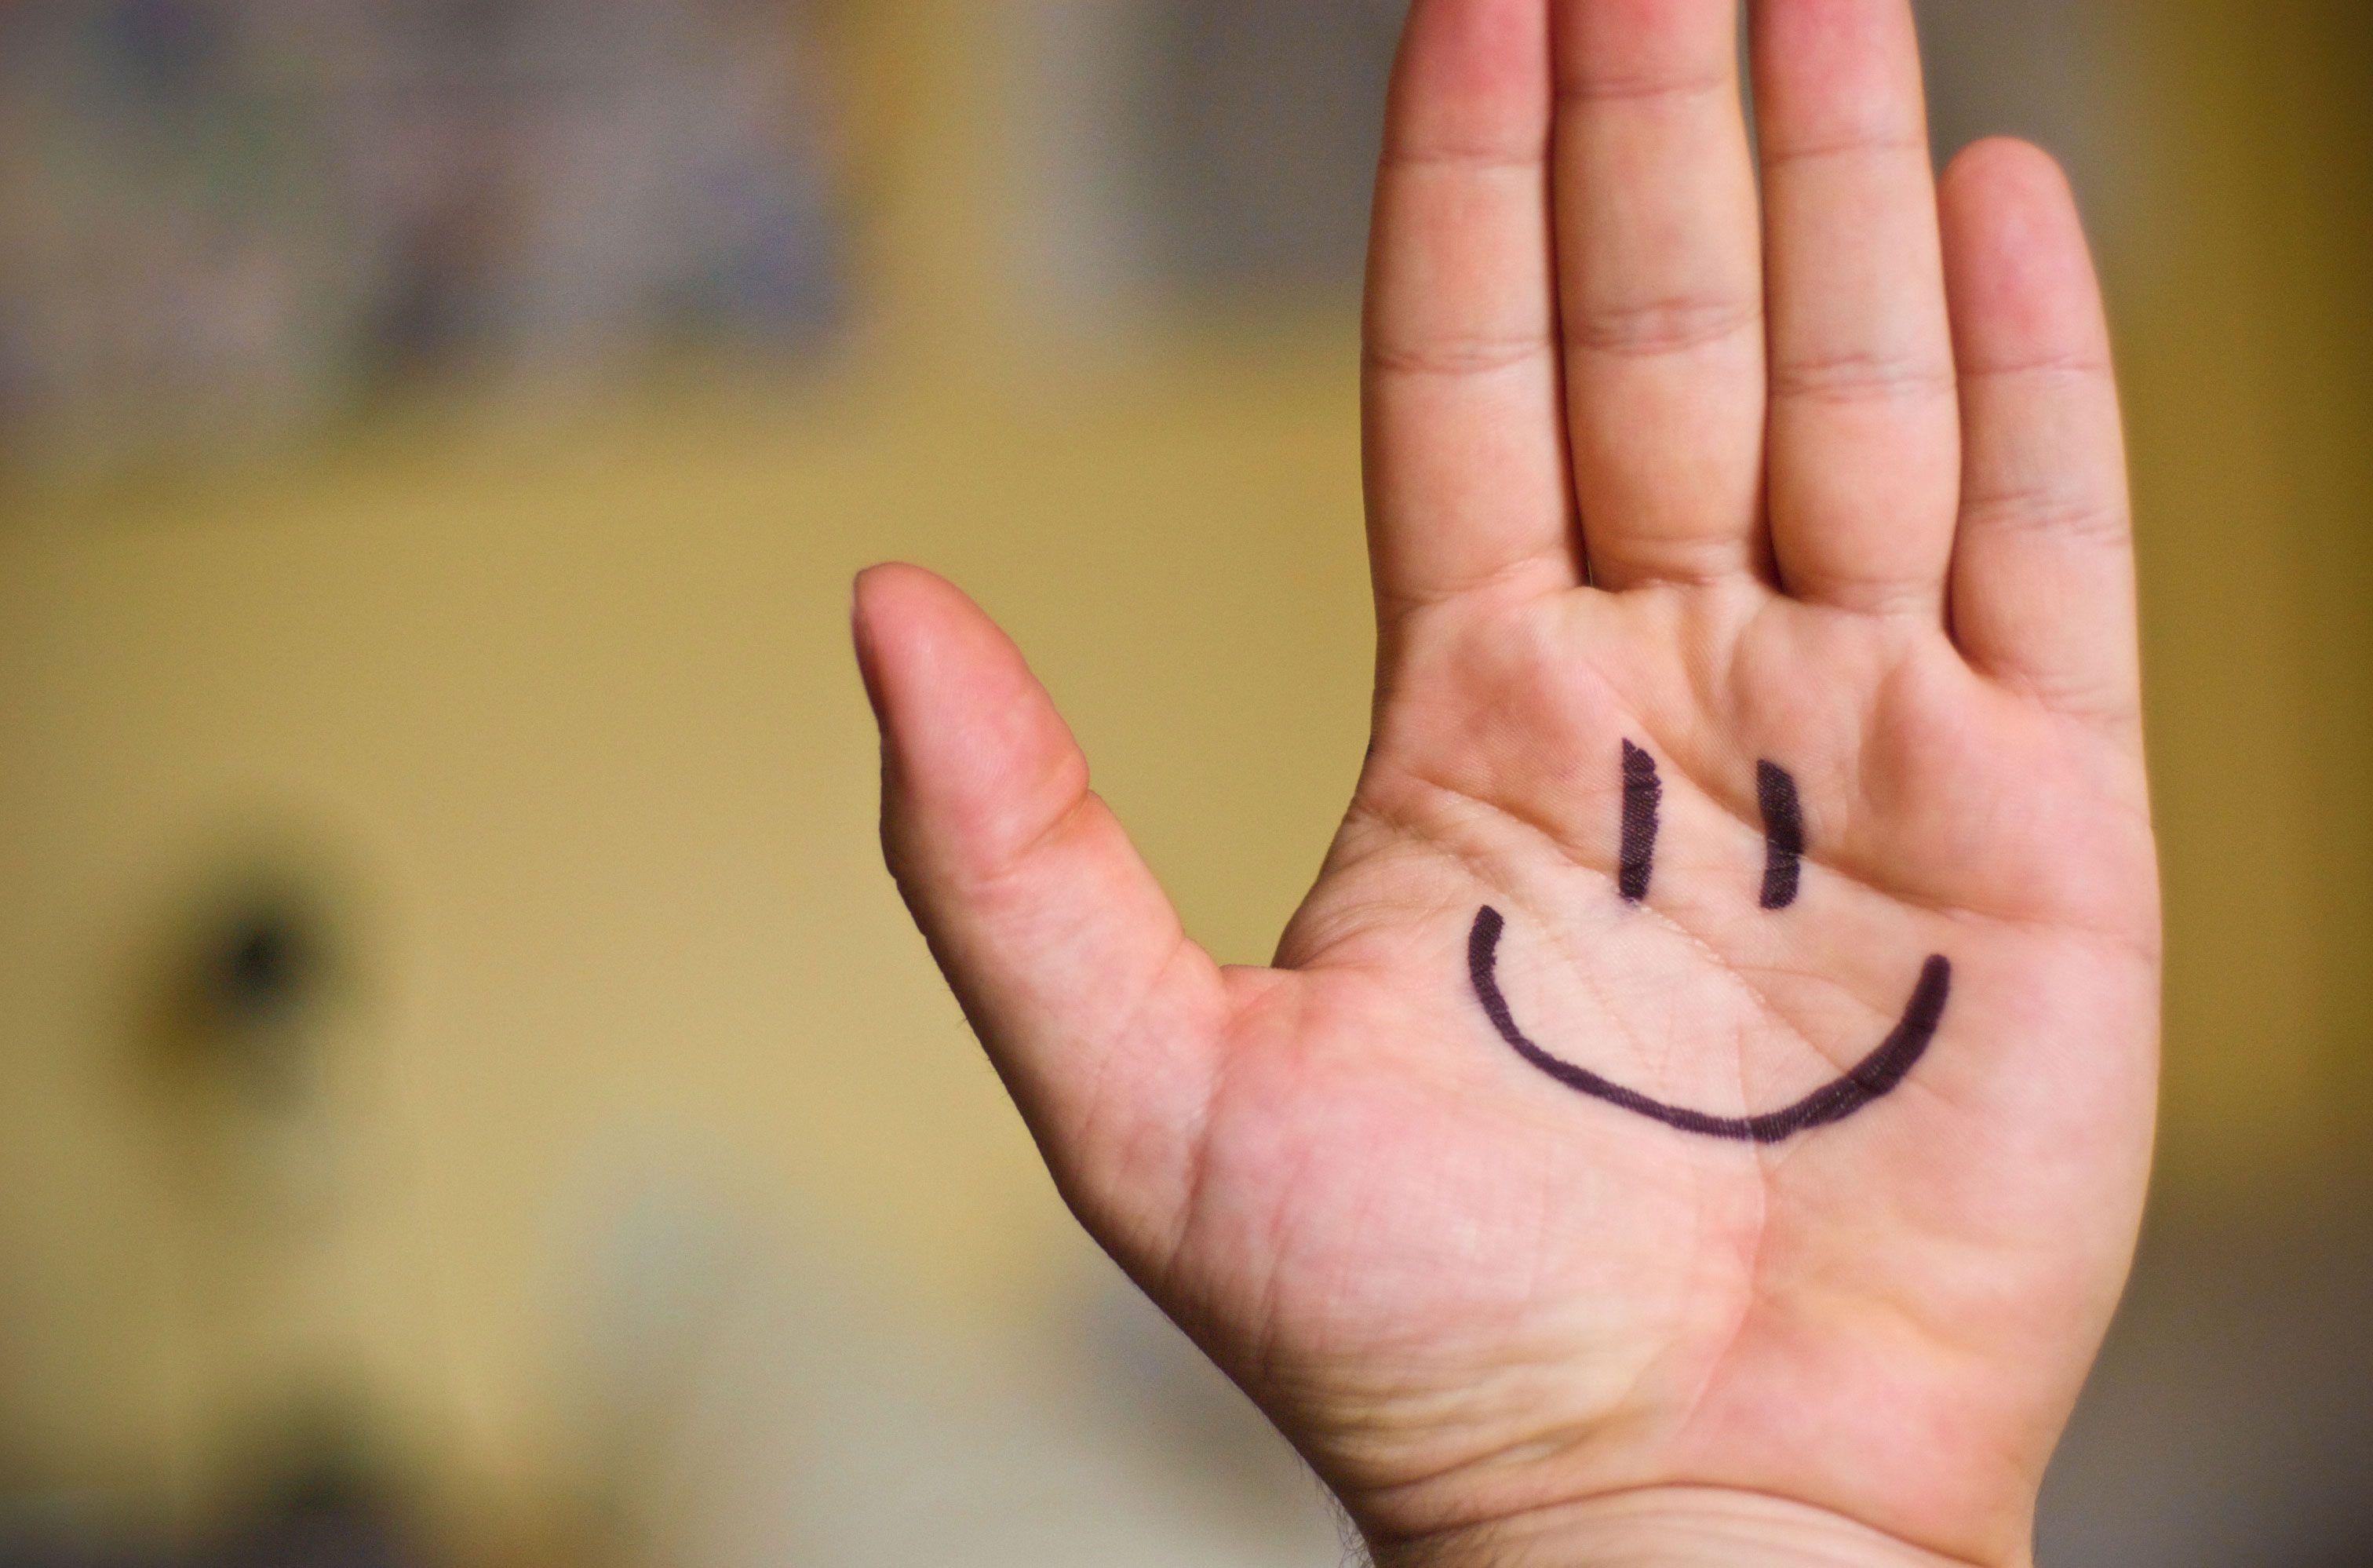 Mejoran la fórmula matemática de la felicidad para que tenga en cuenta la envidia y la culpa